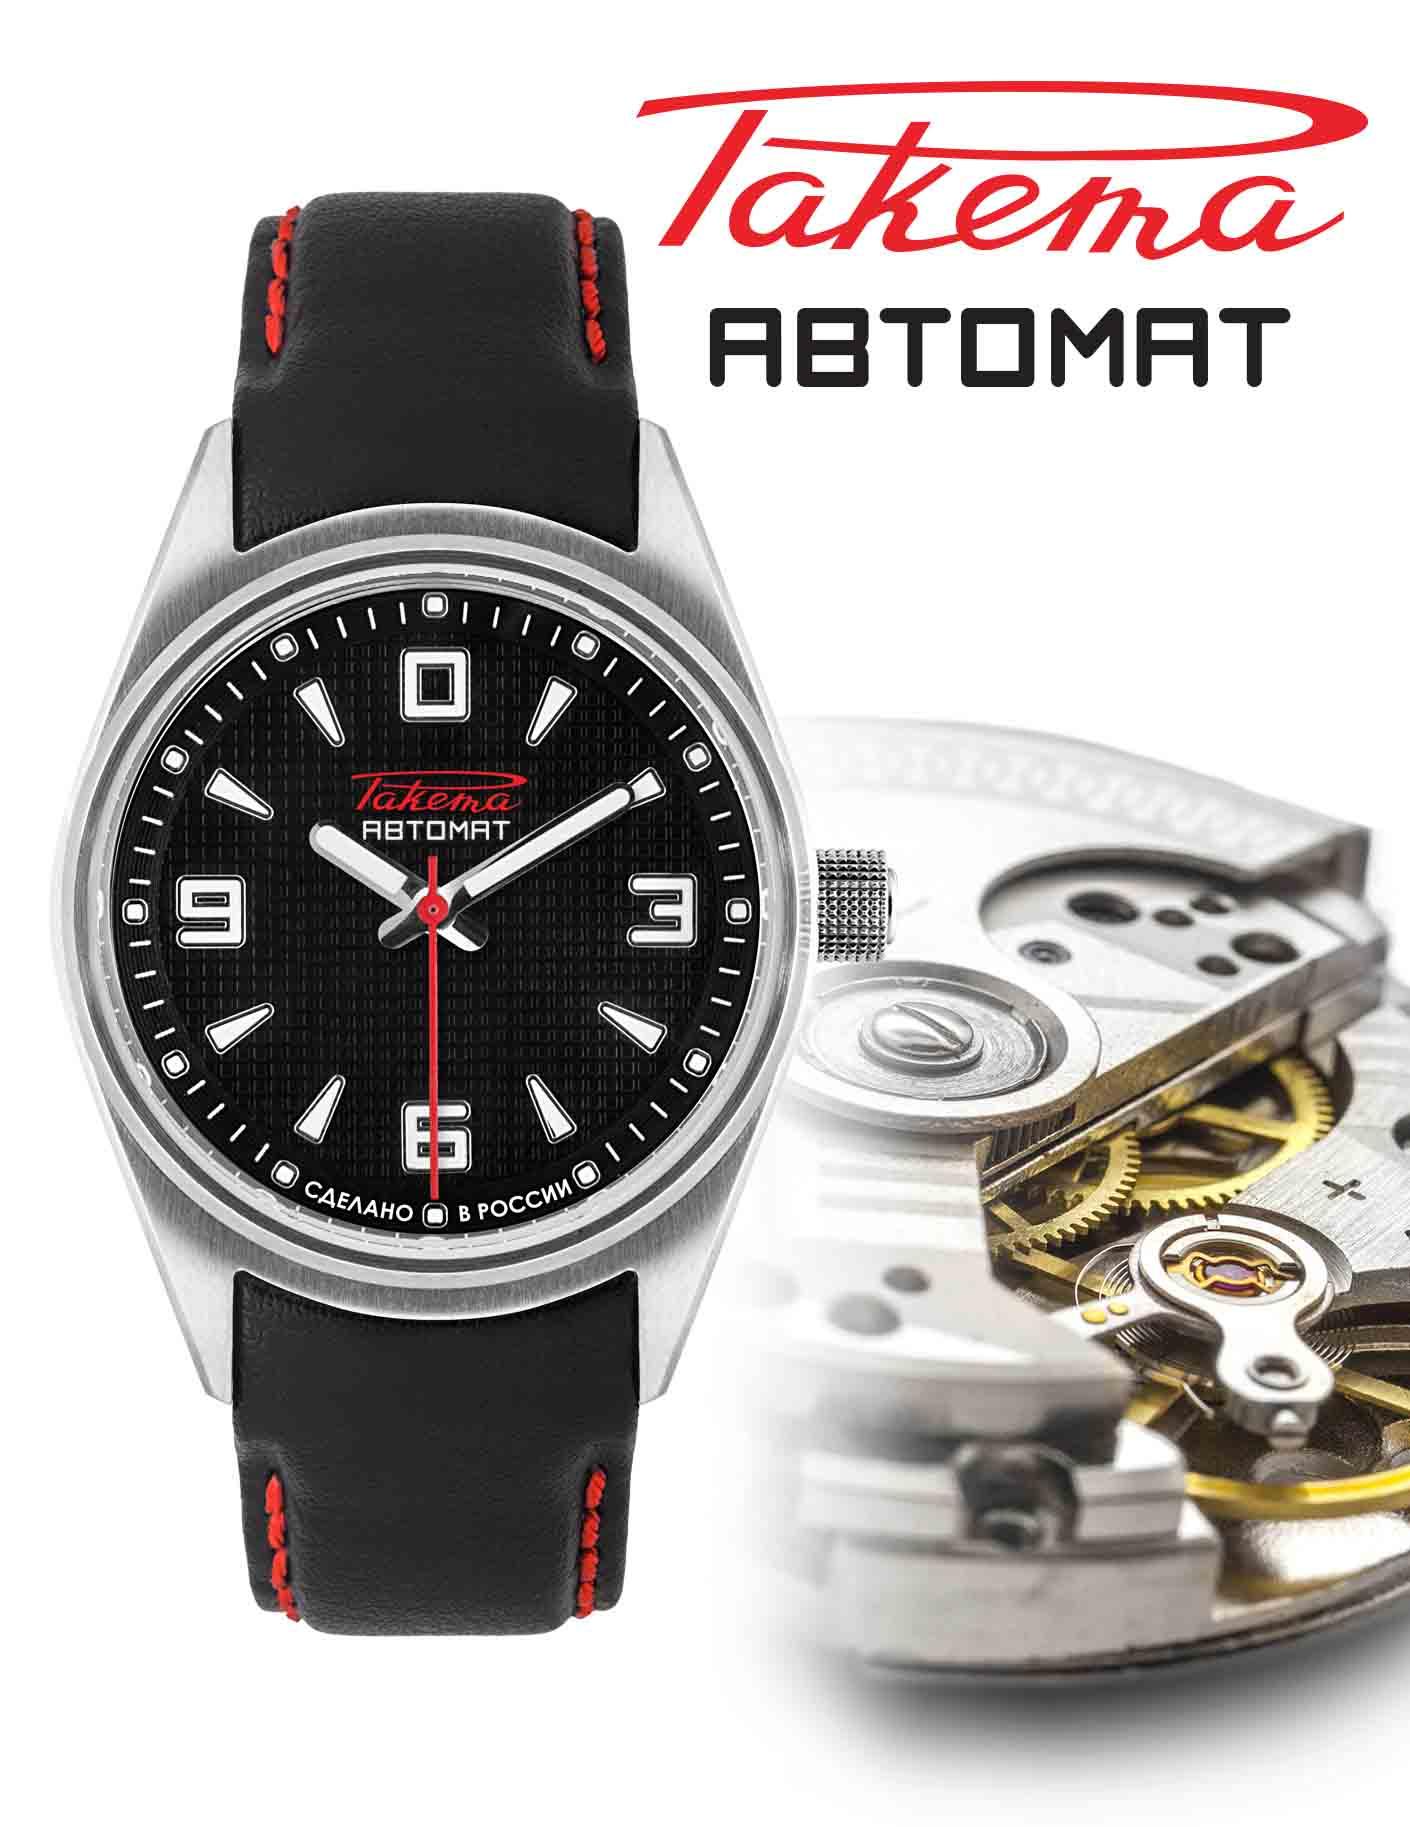 Raketa «Petrodvorets Classic Avtomat» 0219